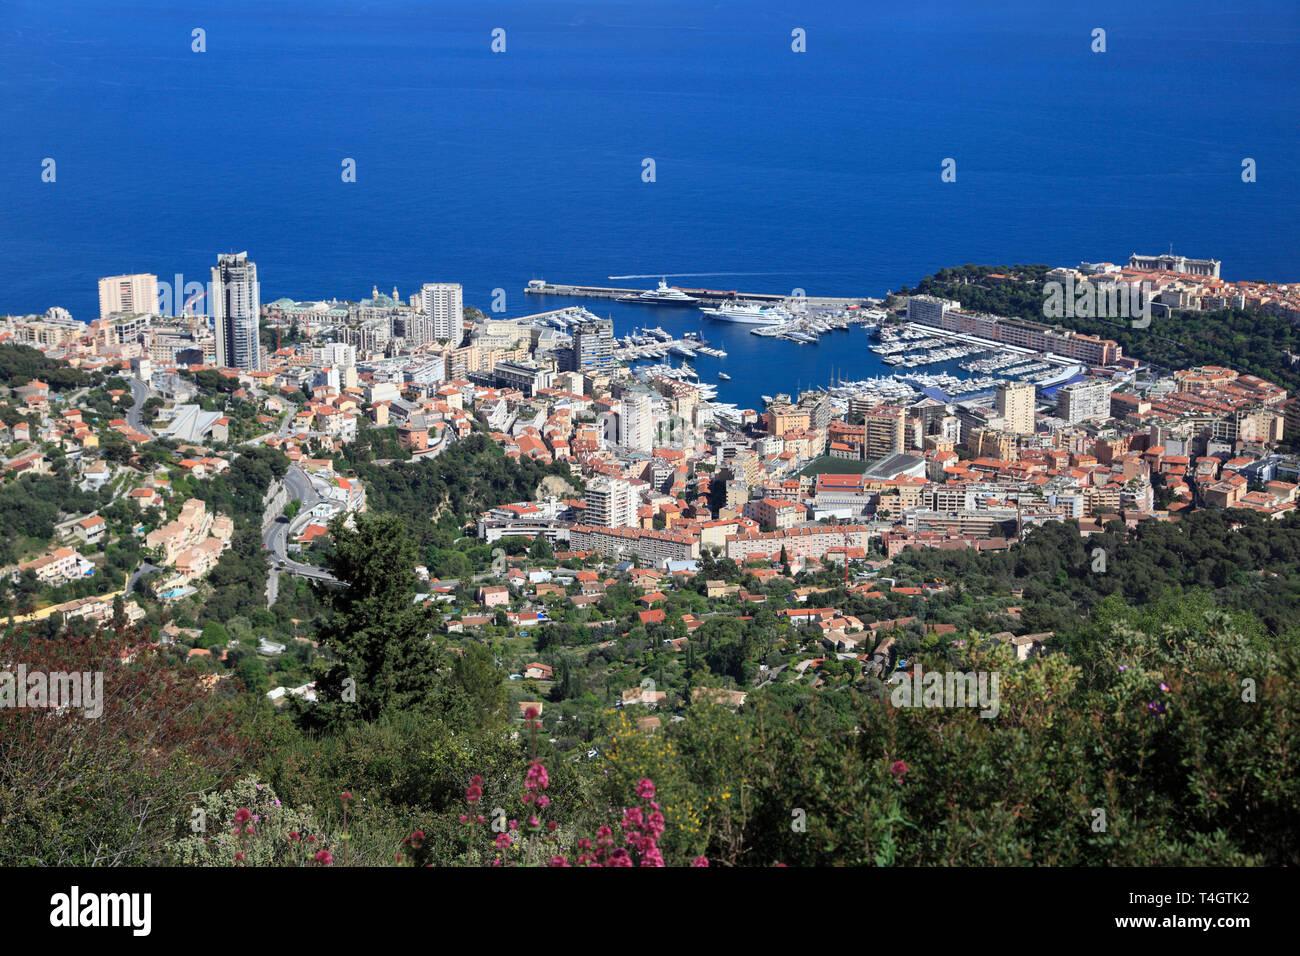 Monaco, Port Hercules , La Condamine, Monte Carlo, Le Rocher (The Rock), Cote d'Azur, Mediterranean, Europe - Stock Image